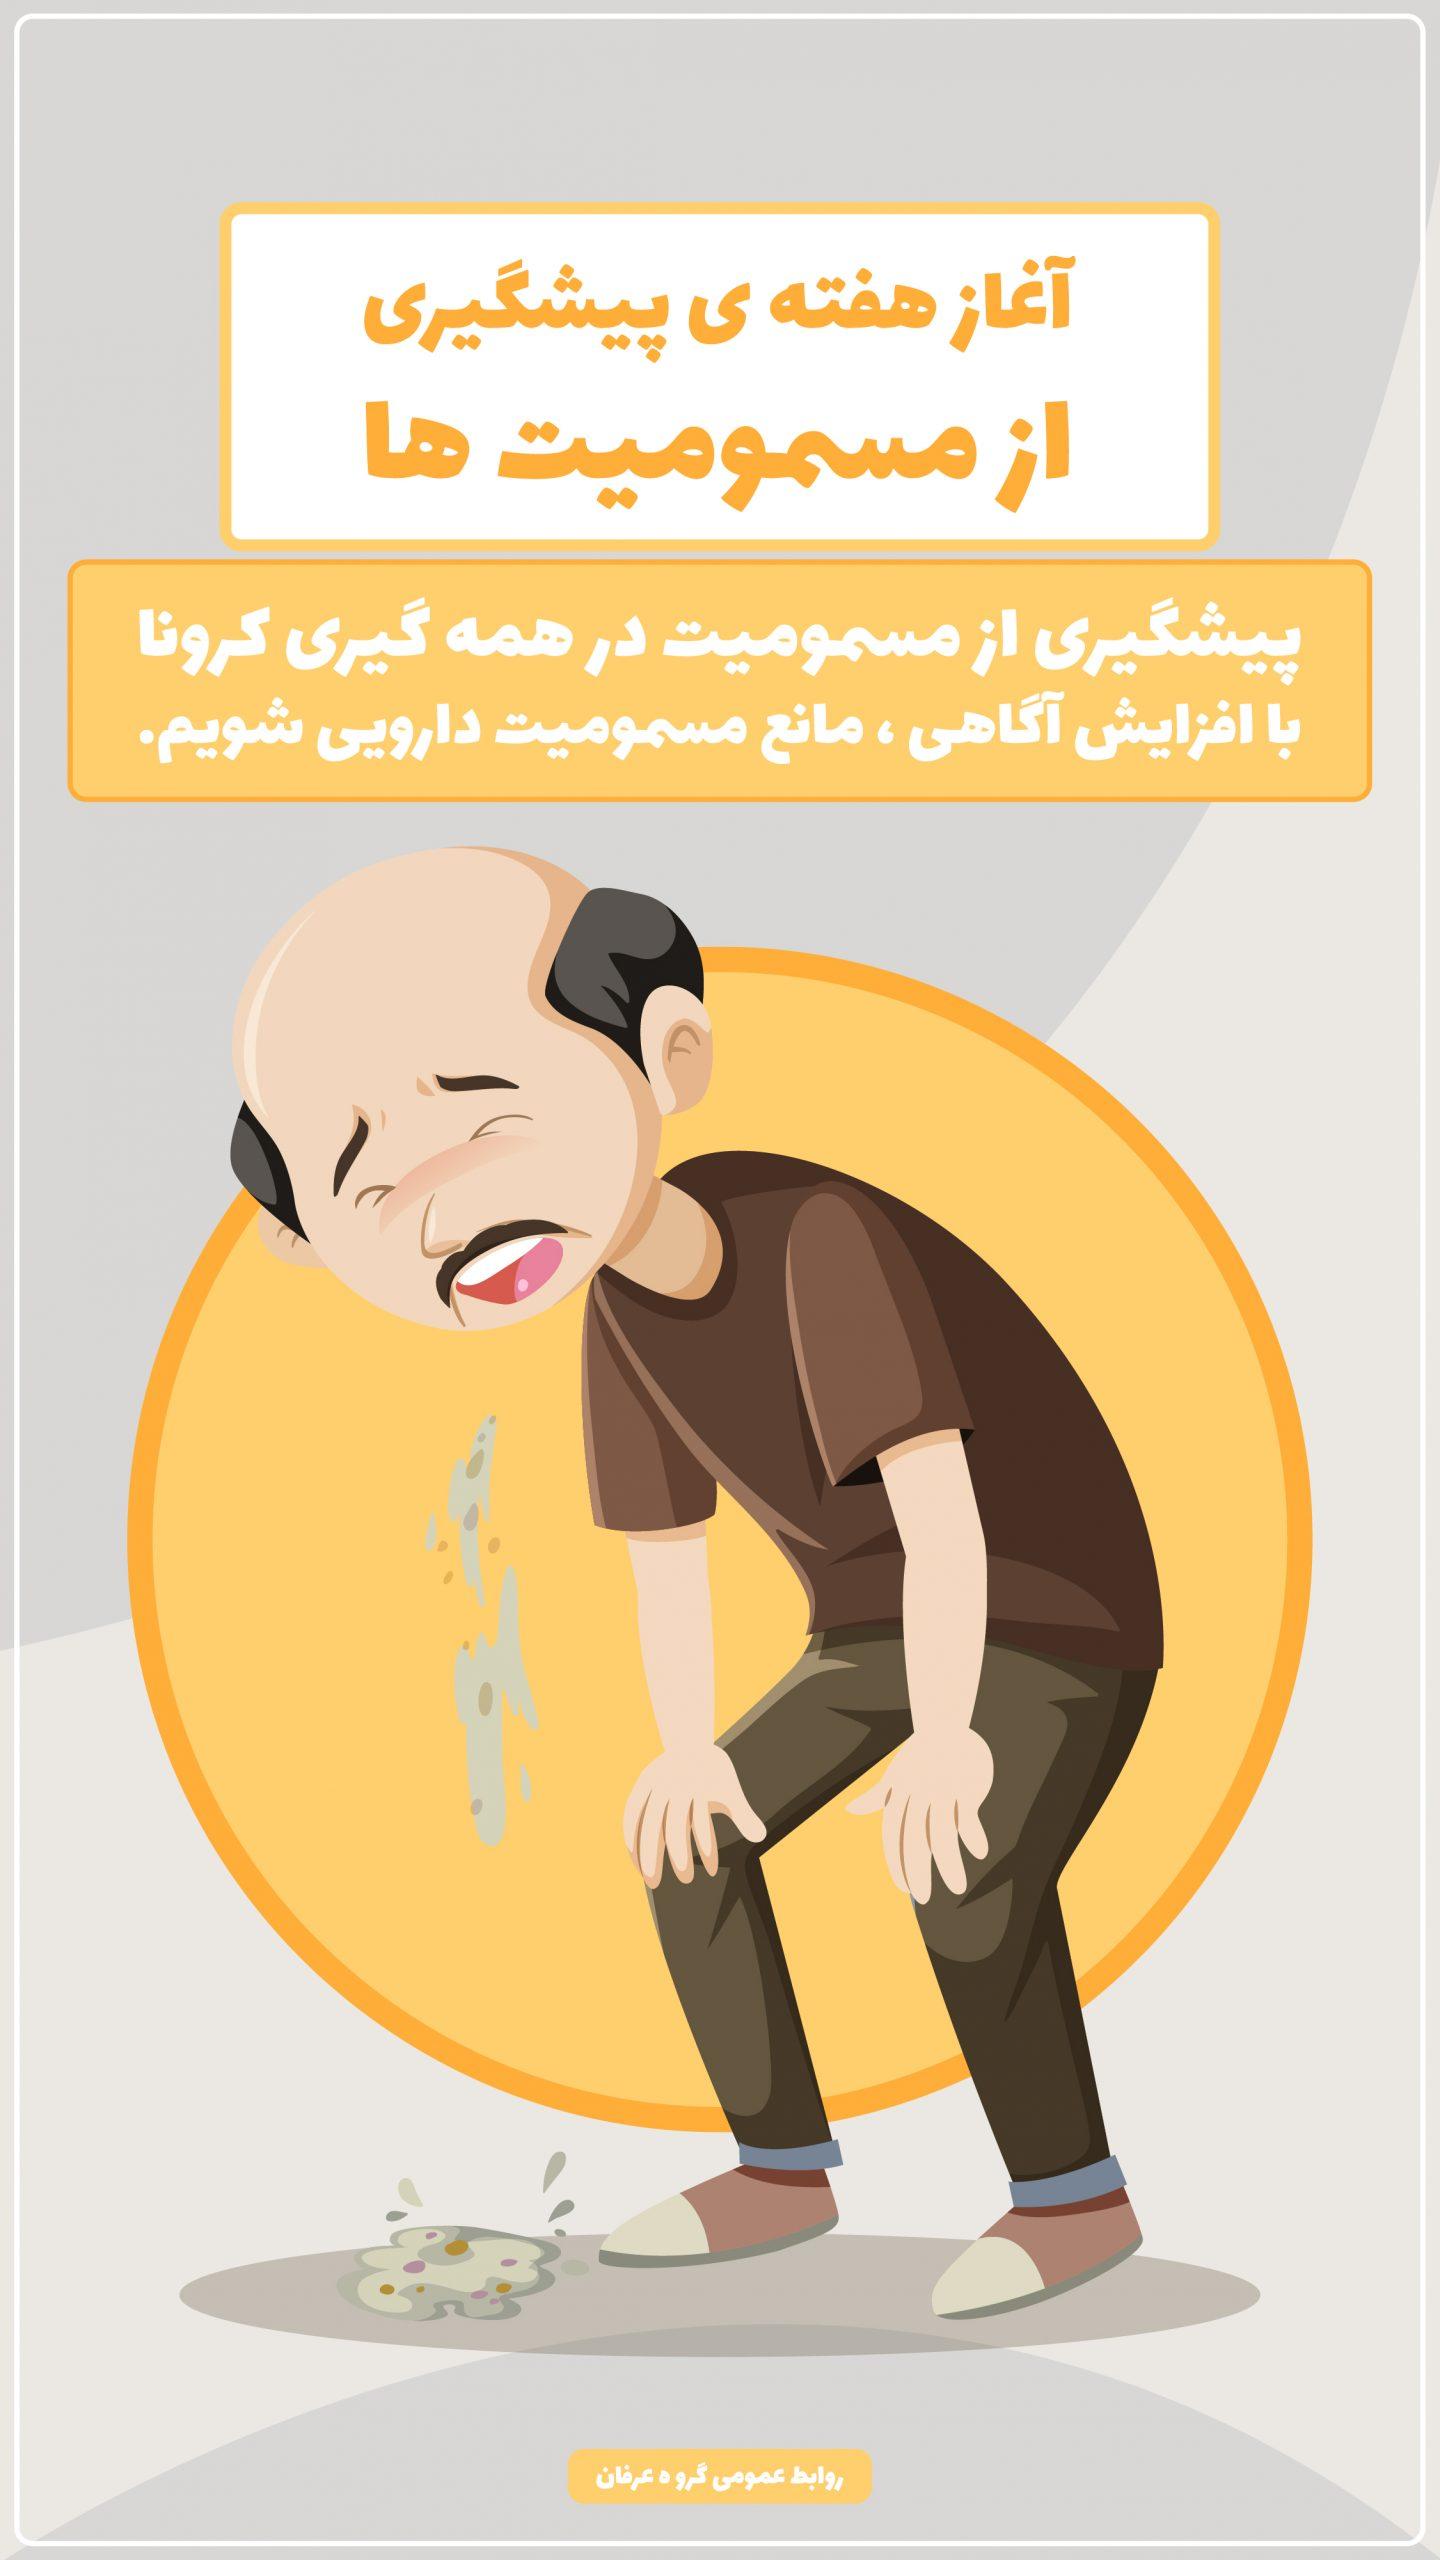 هفته پیشگیری از مسمومیت ها